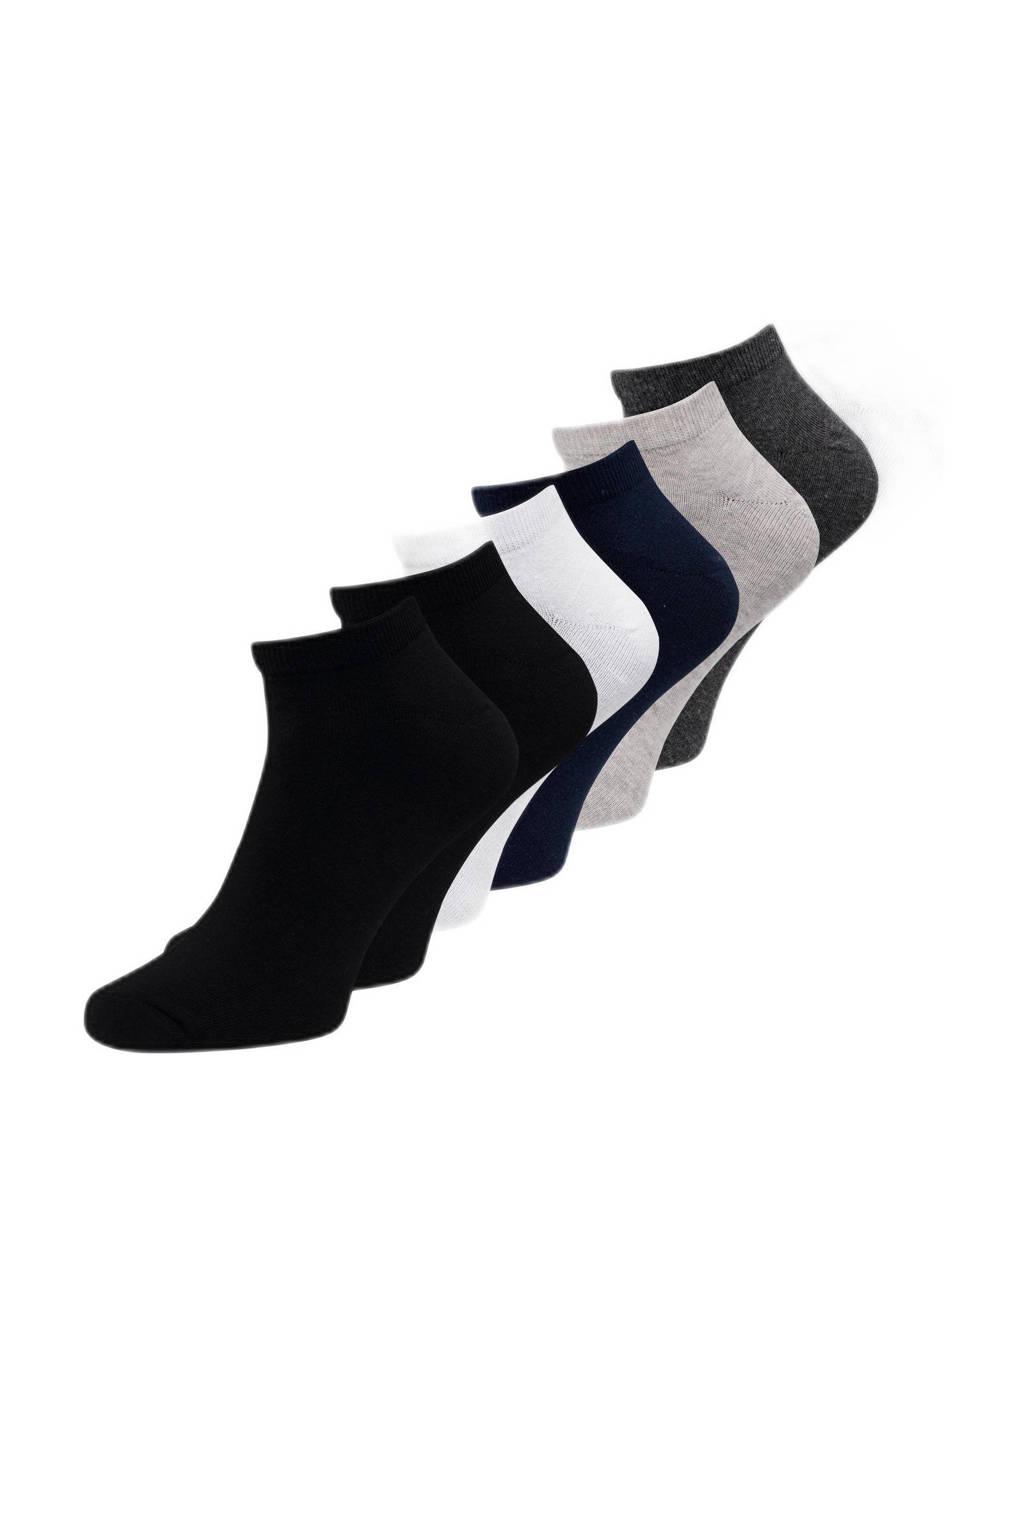 JACK & JONES enkelsokken - set van 7 zwart/grijs/wit, Zwart/grijs/wit